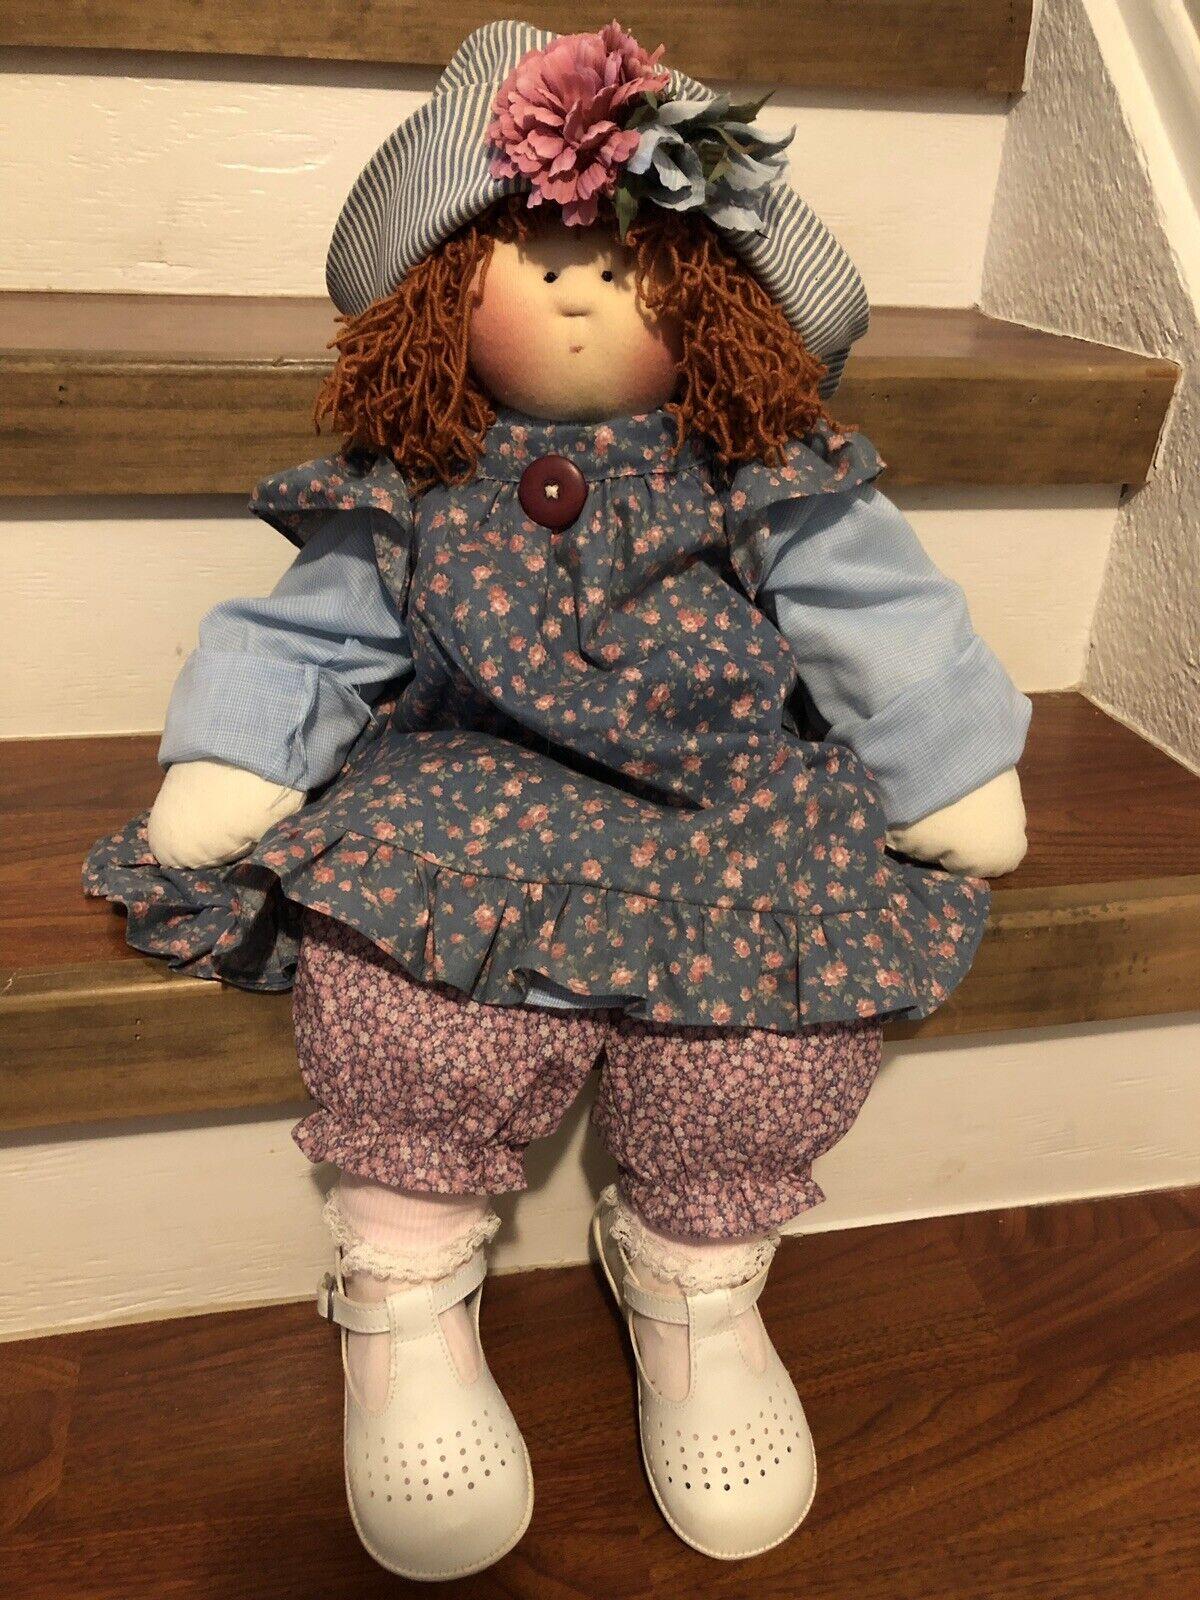 Little muñeca de almas por Gretchen Gretchen Gretchen Wilson 1995 Katherine Rareza Firmado Vintage Hecho A Mano  Envío y cambio gratis.